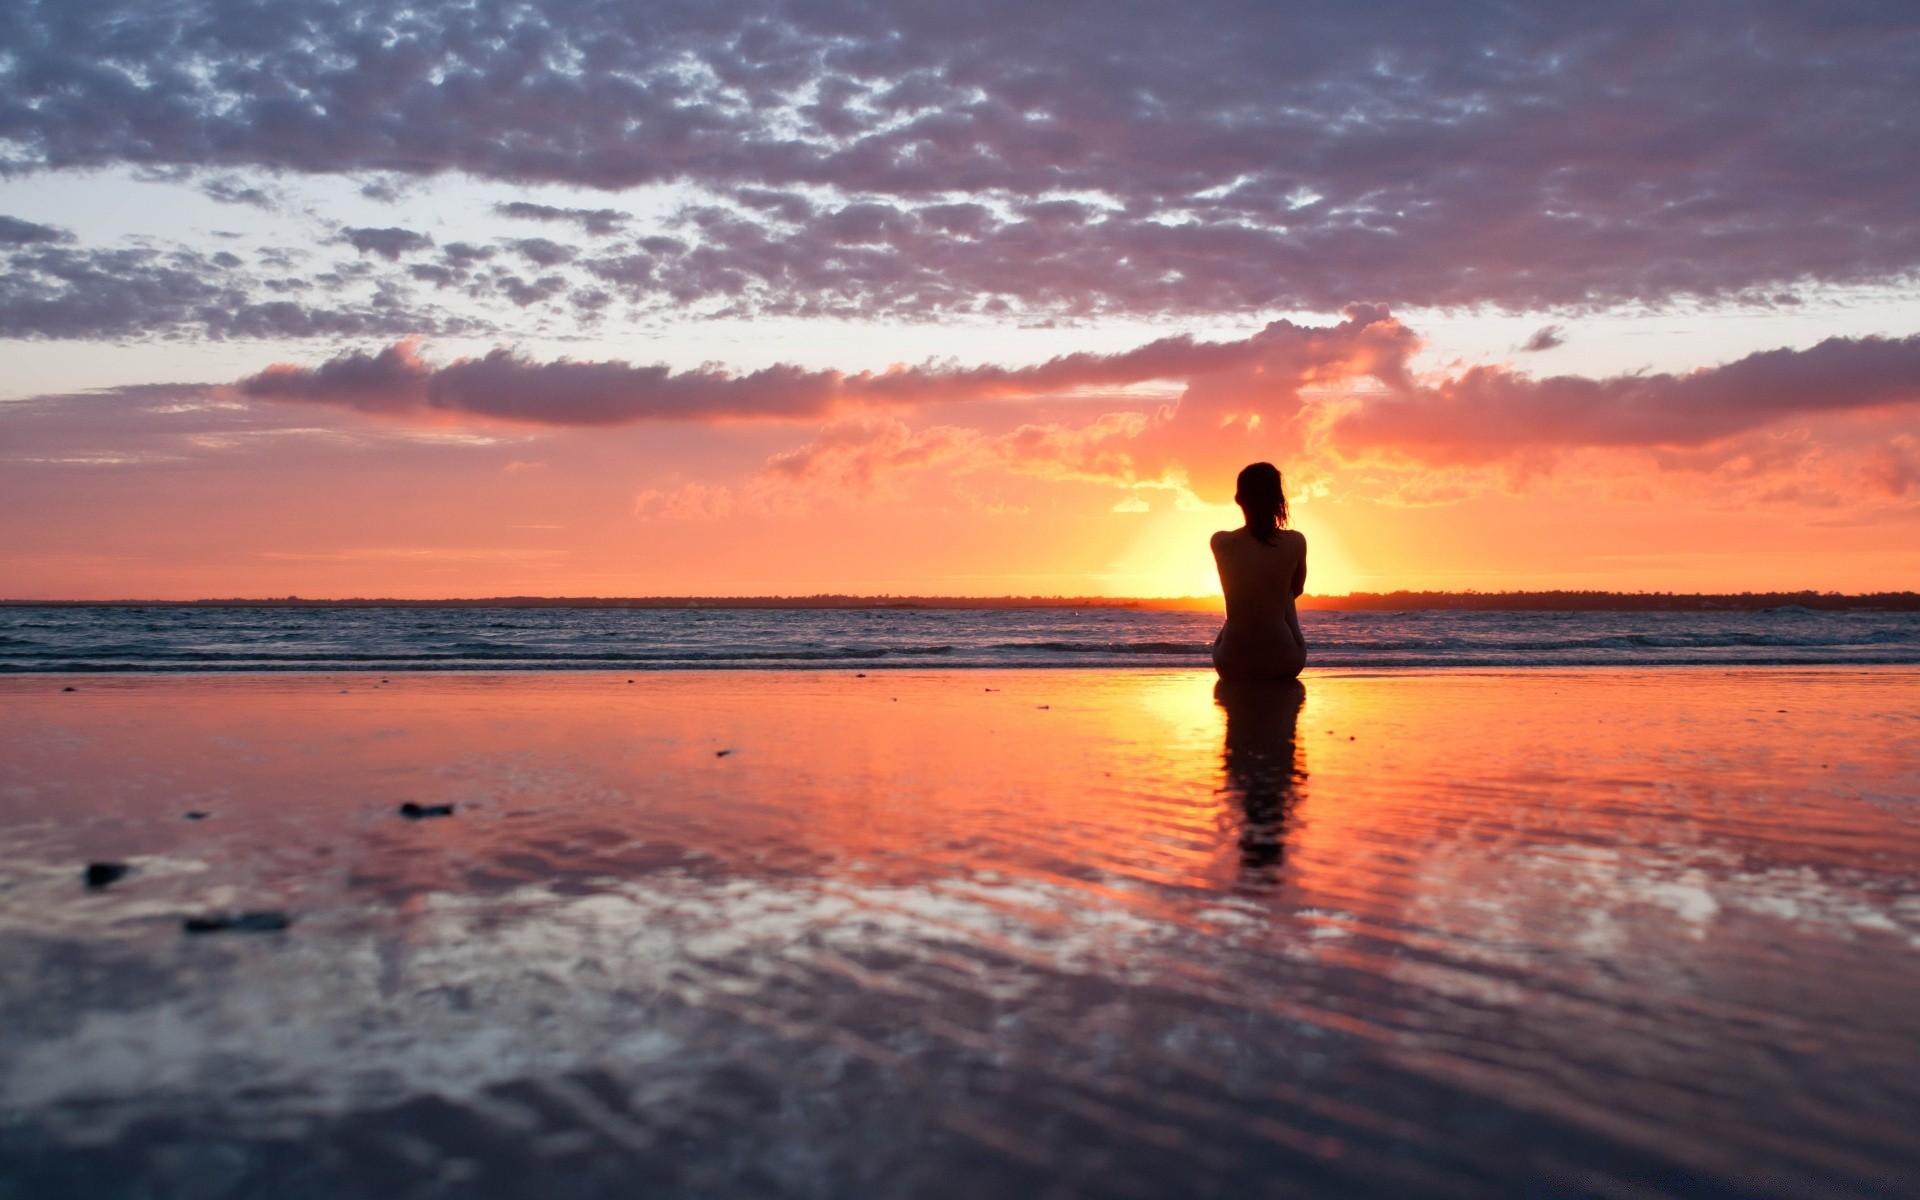 фото женщин на берегу моря фотография 1